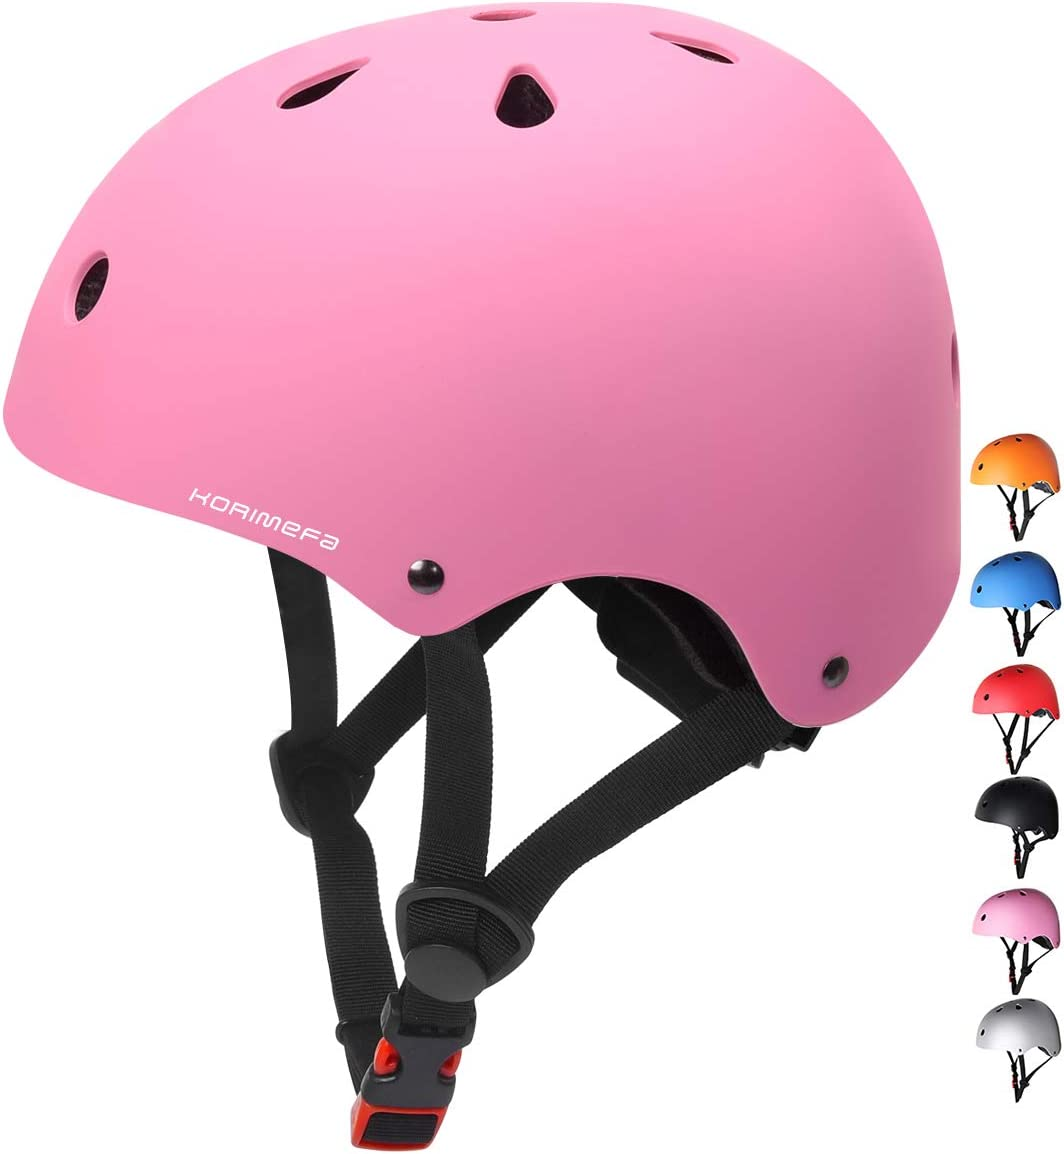 Korimefa Skateboard Helmet